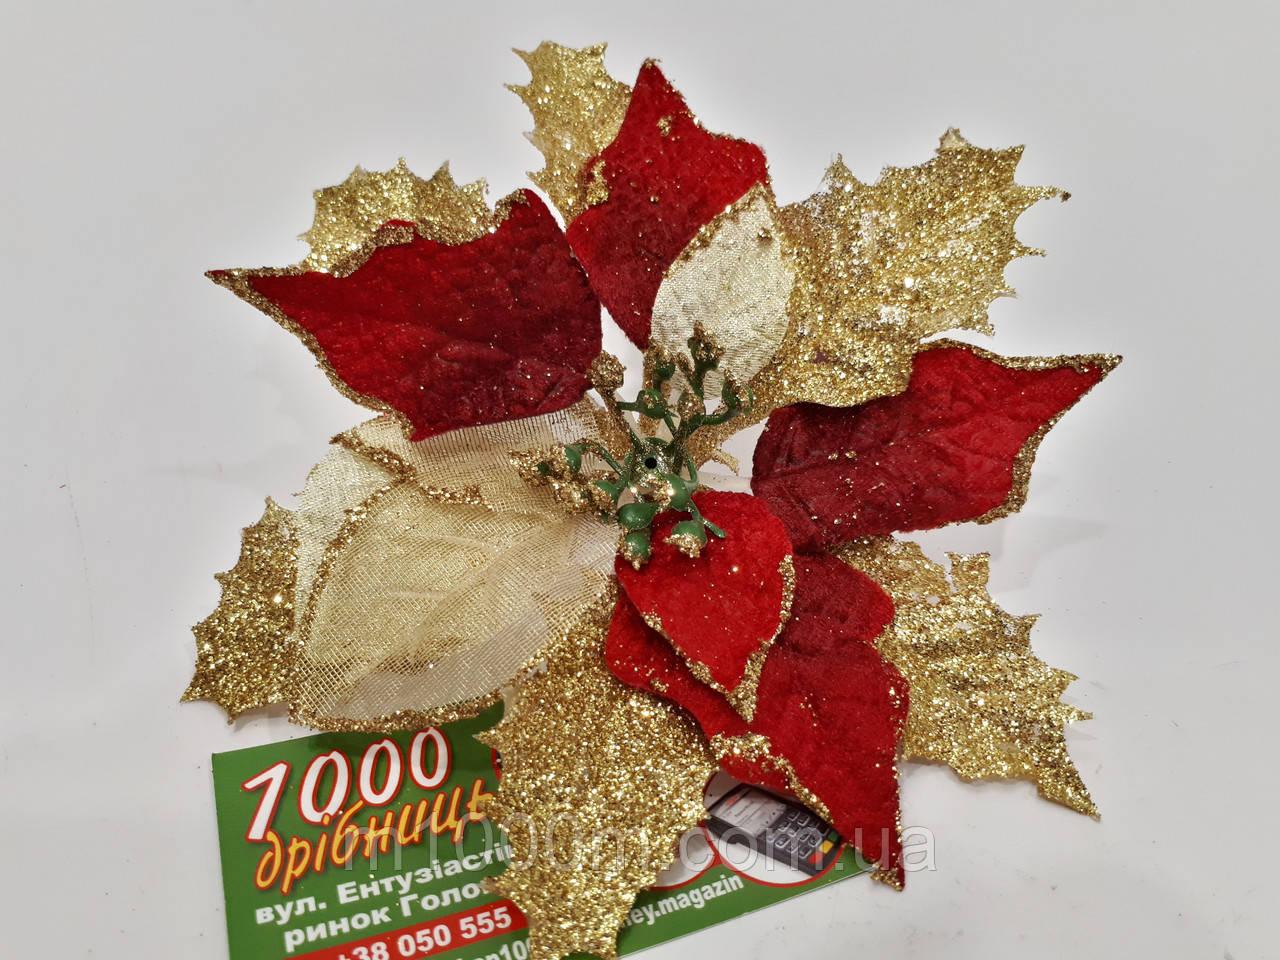 Рождественник (Пуансетия) 75209, фото 1